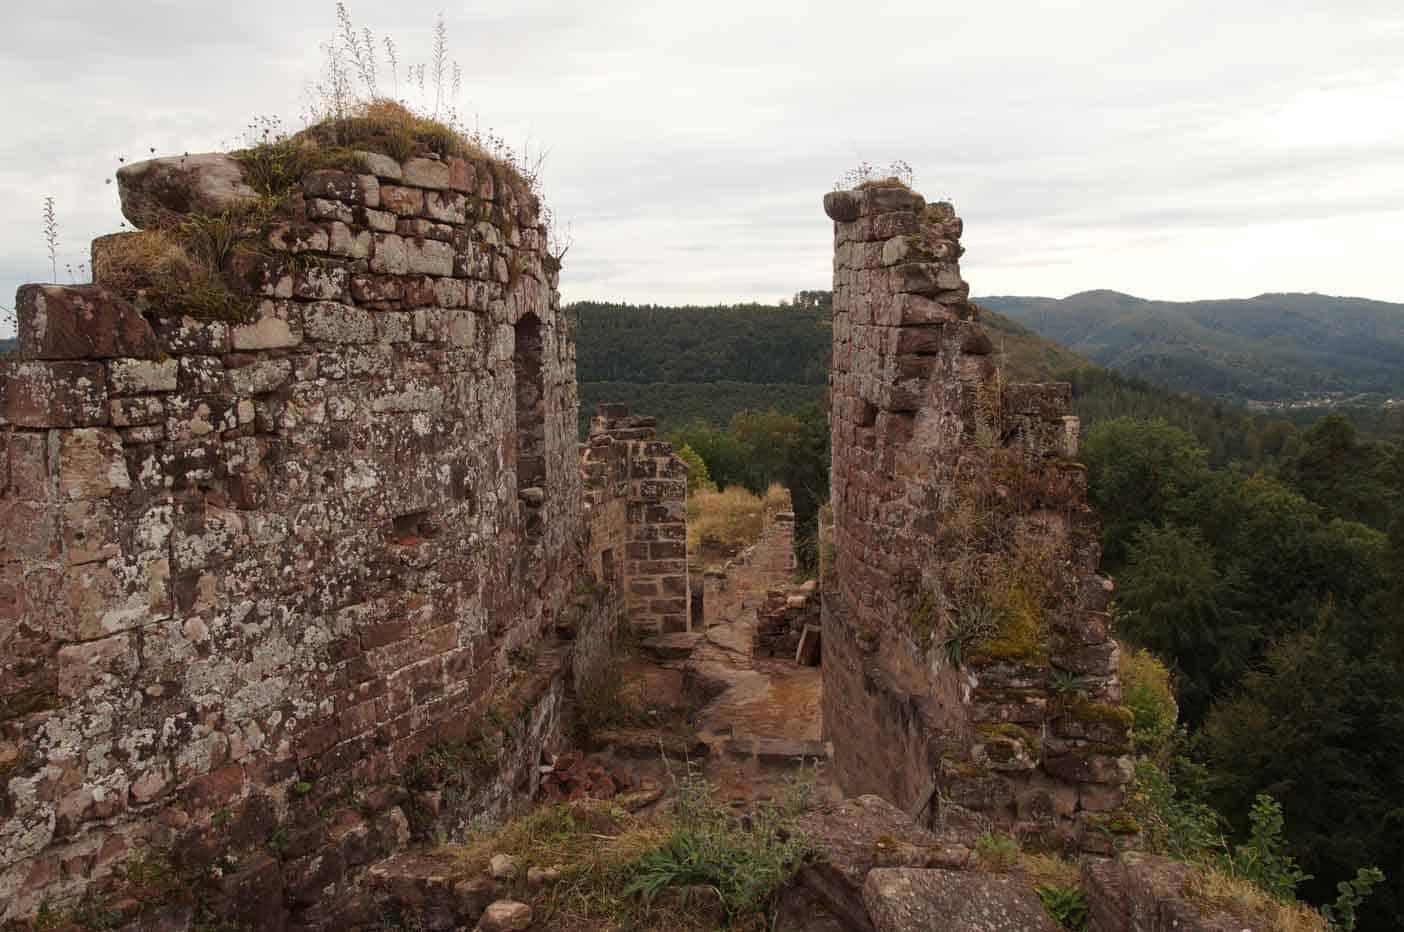 steinbeck kasteel vogezen